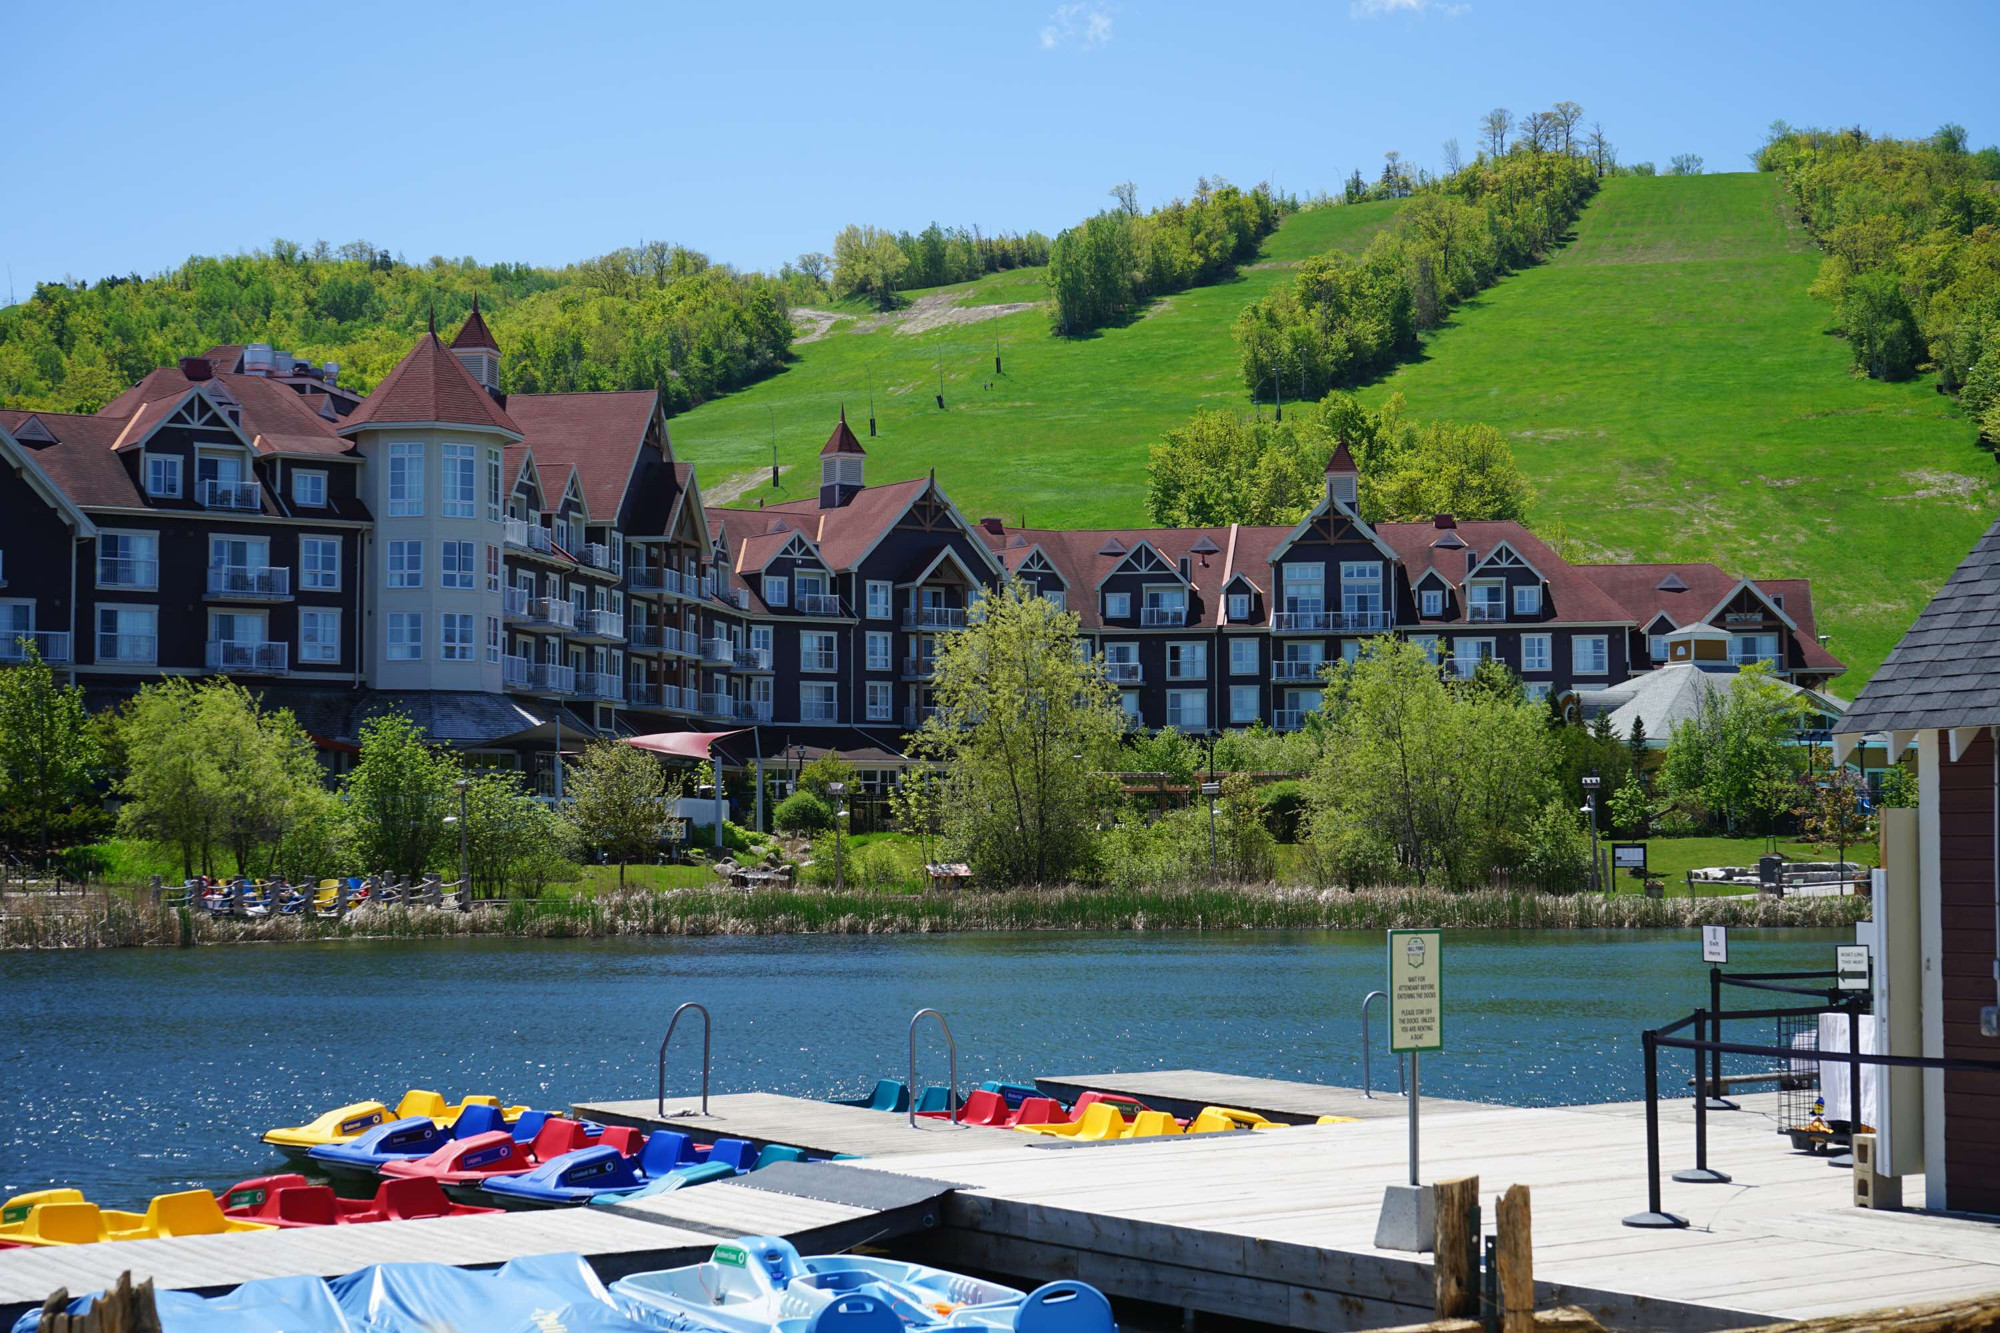 加拿大蓝山度假胜地的冬去春来